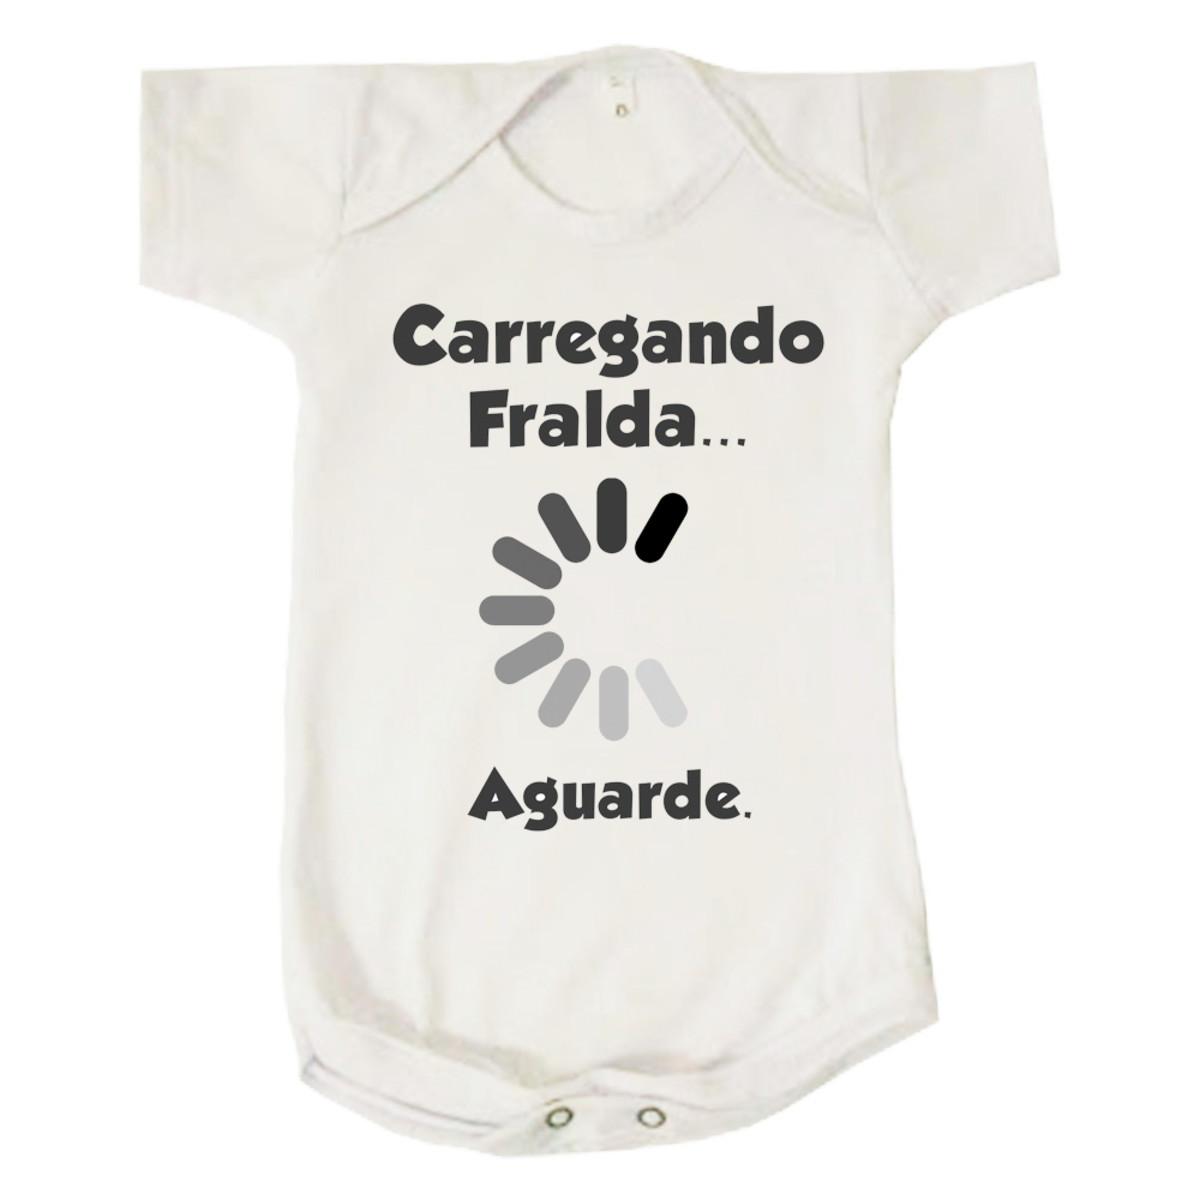 Body Bebê Infantil Divertido Carregando Fralda 00ba9a40d487e